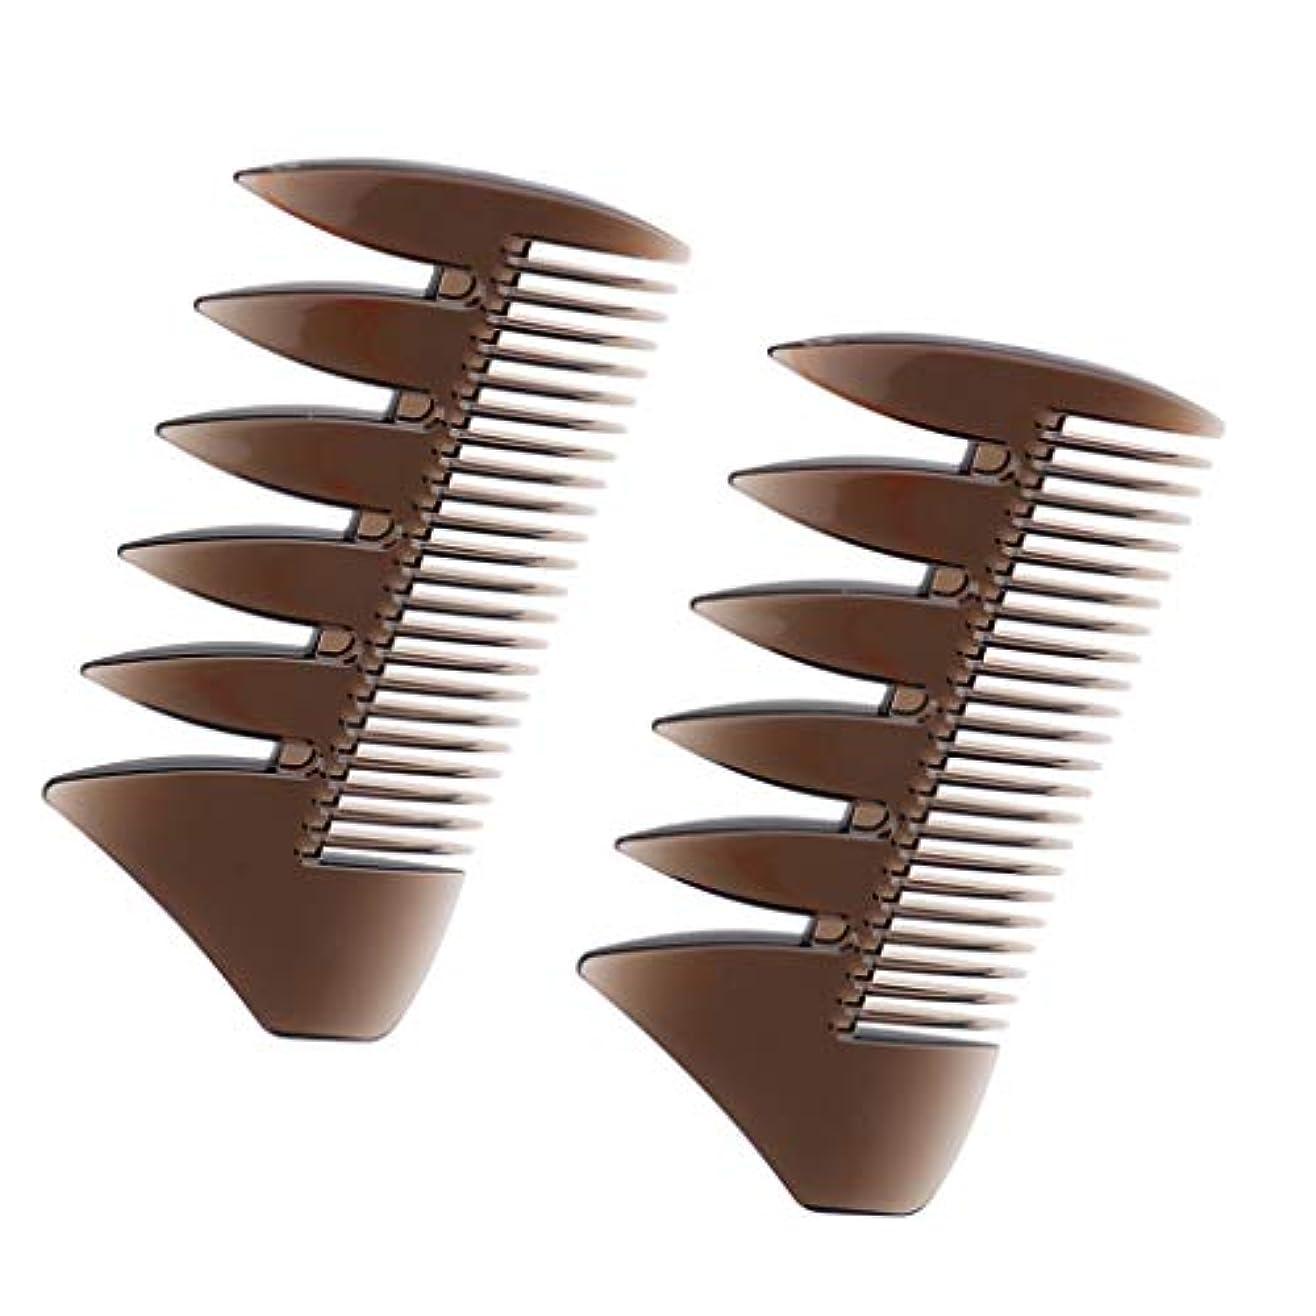 エスカレート証明襟Sharplace ヘアコンビ デュアルサイド メンズ 髪櫛 ヘアサロン ヘアスタイリング 散髪店/美容院専用櫛2個入